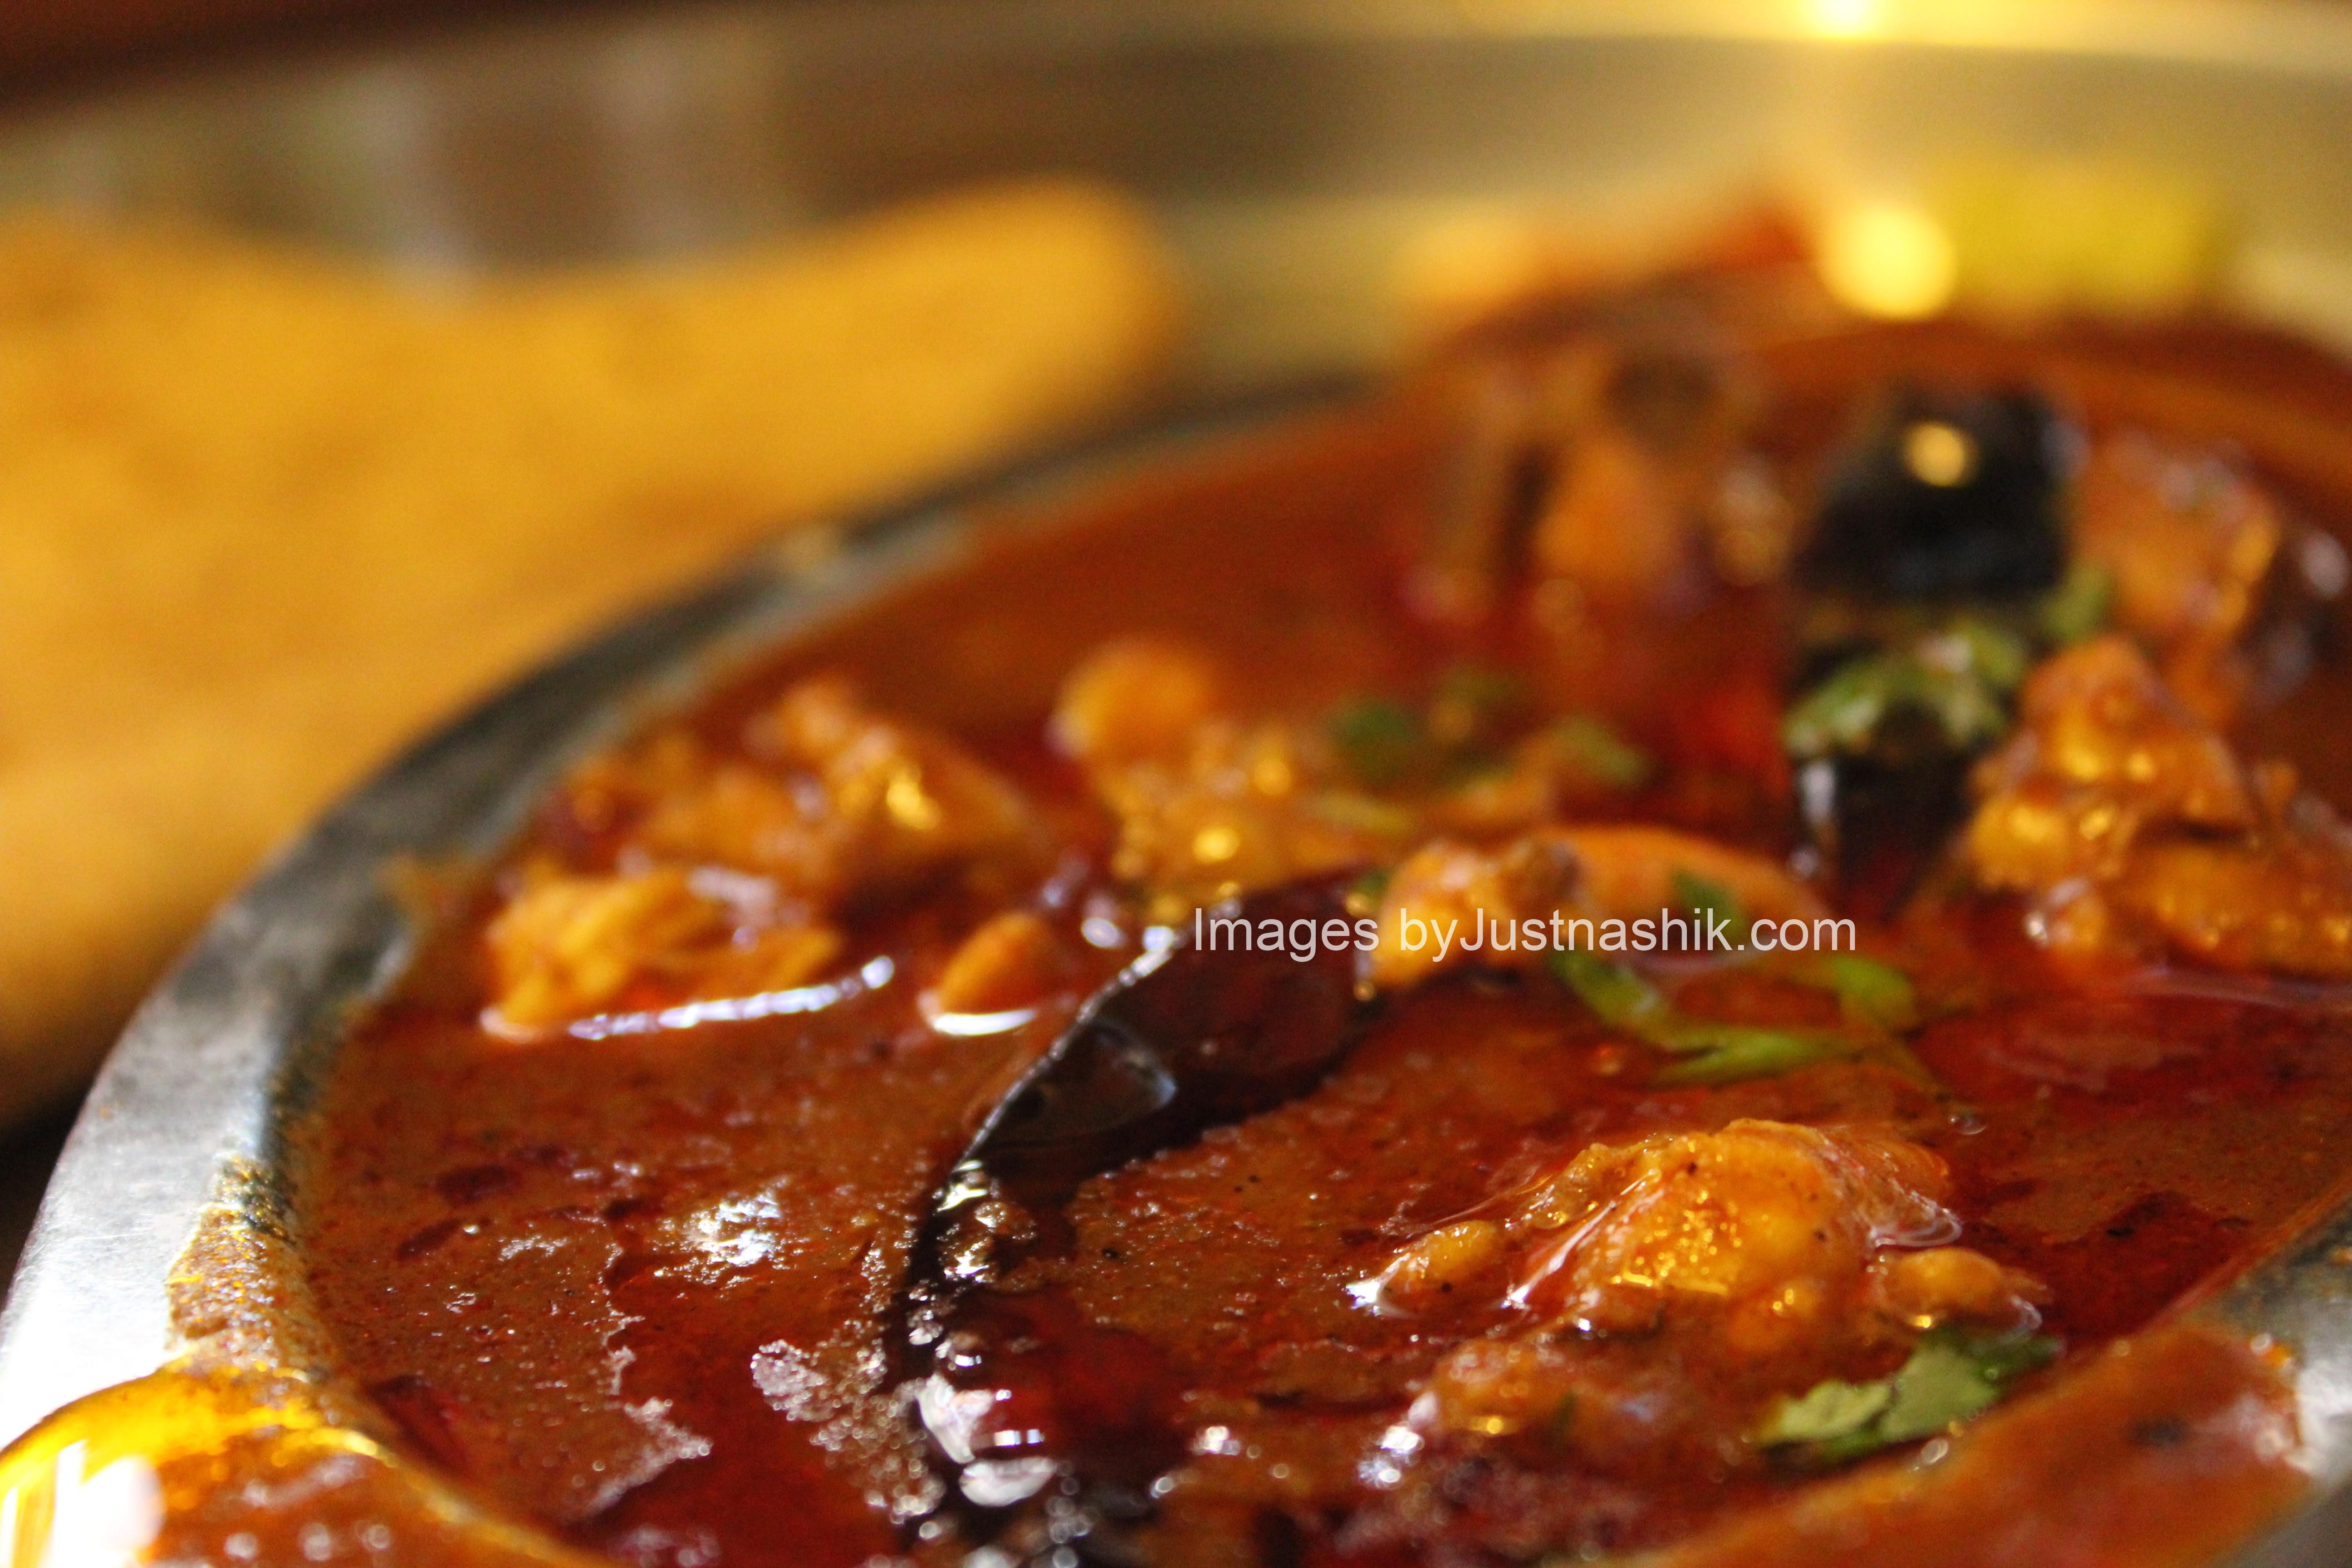 just nashik food review chicken kolhapuri at